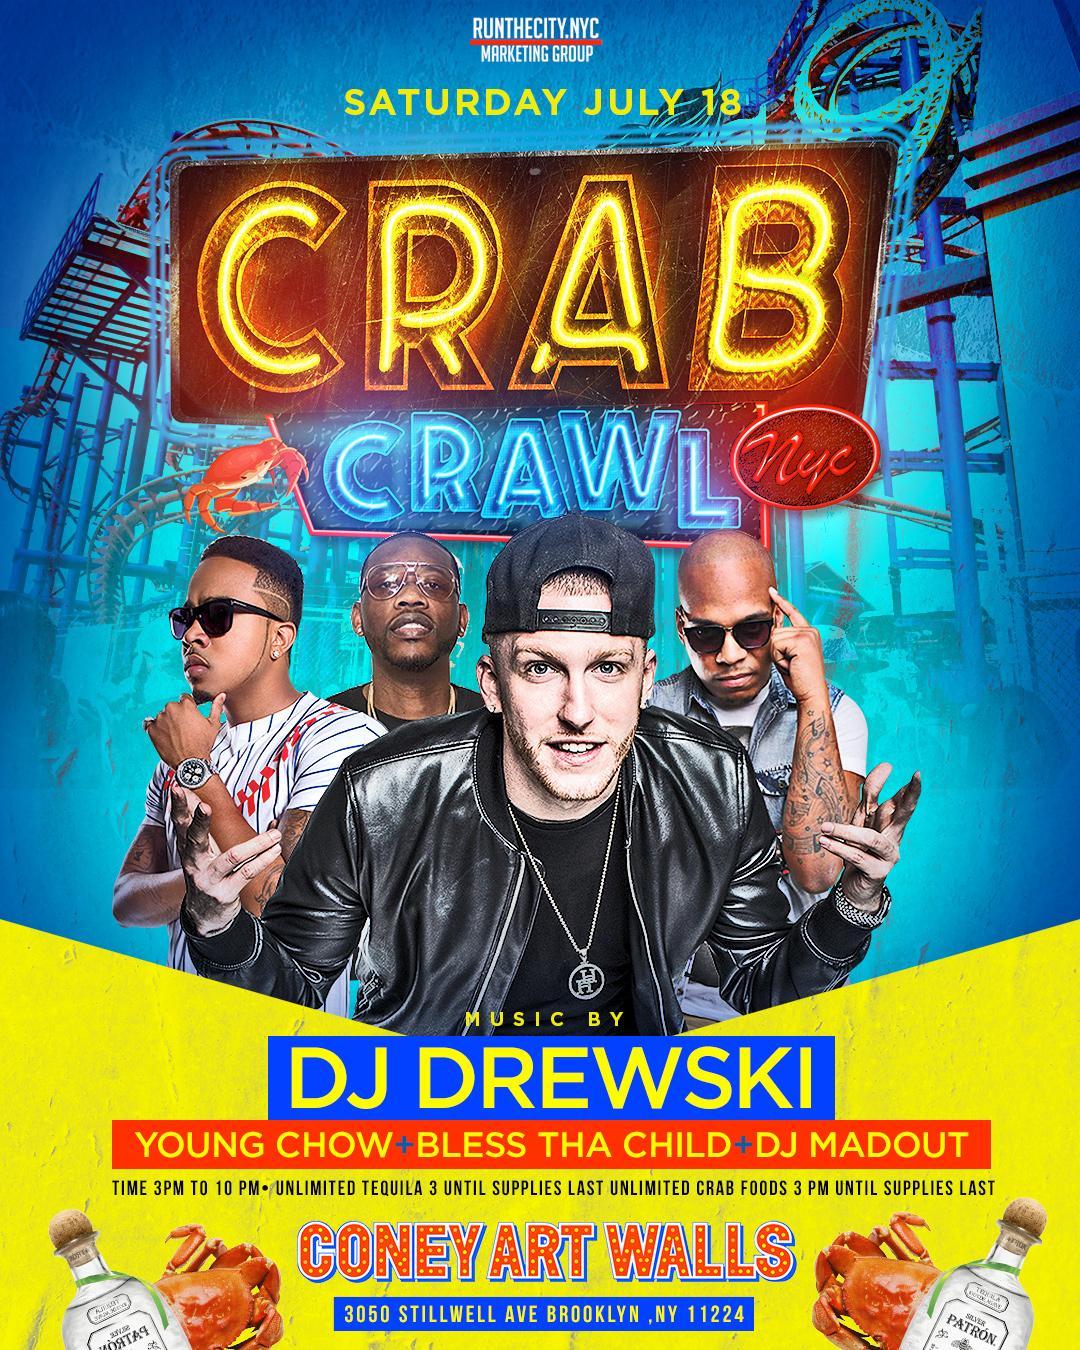 CRAB CRAWL NYC